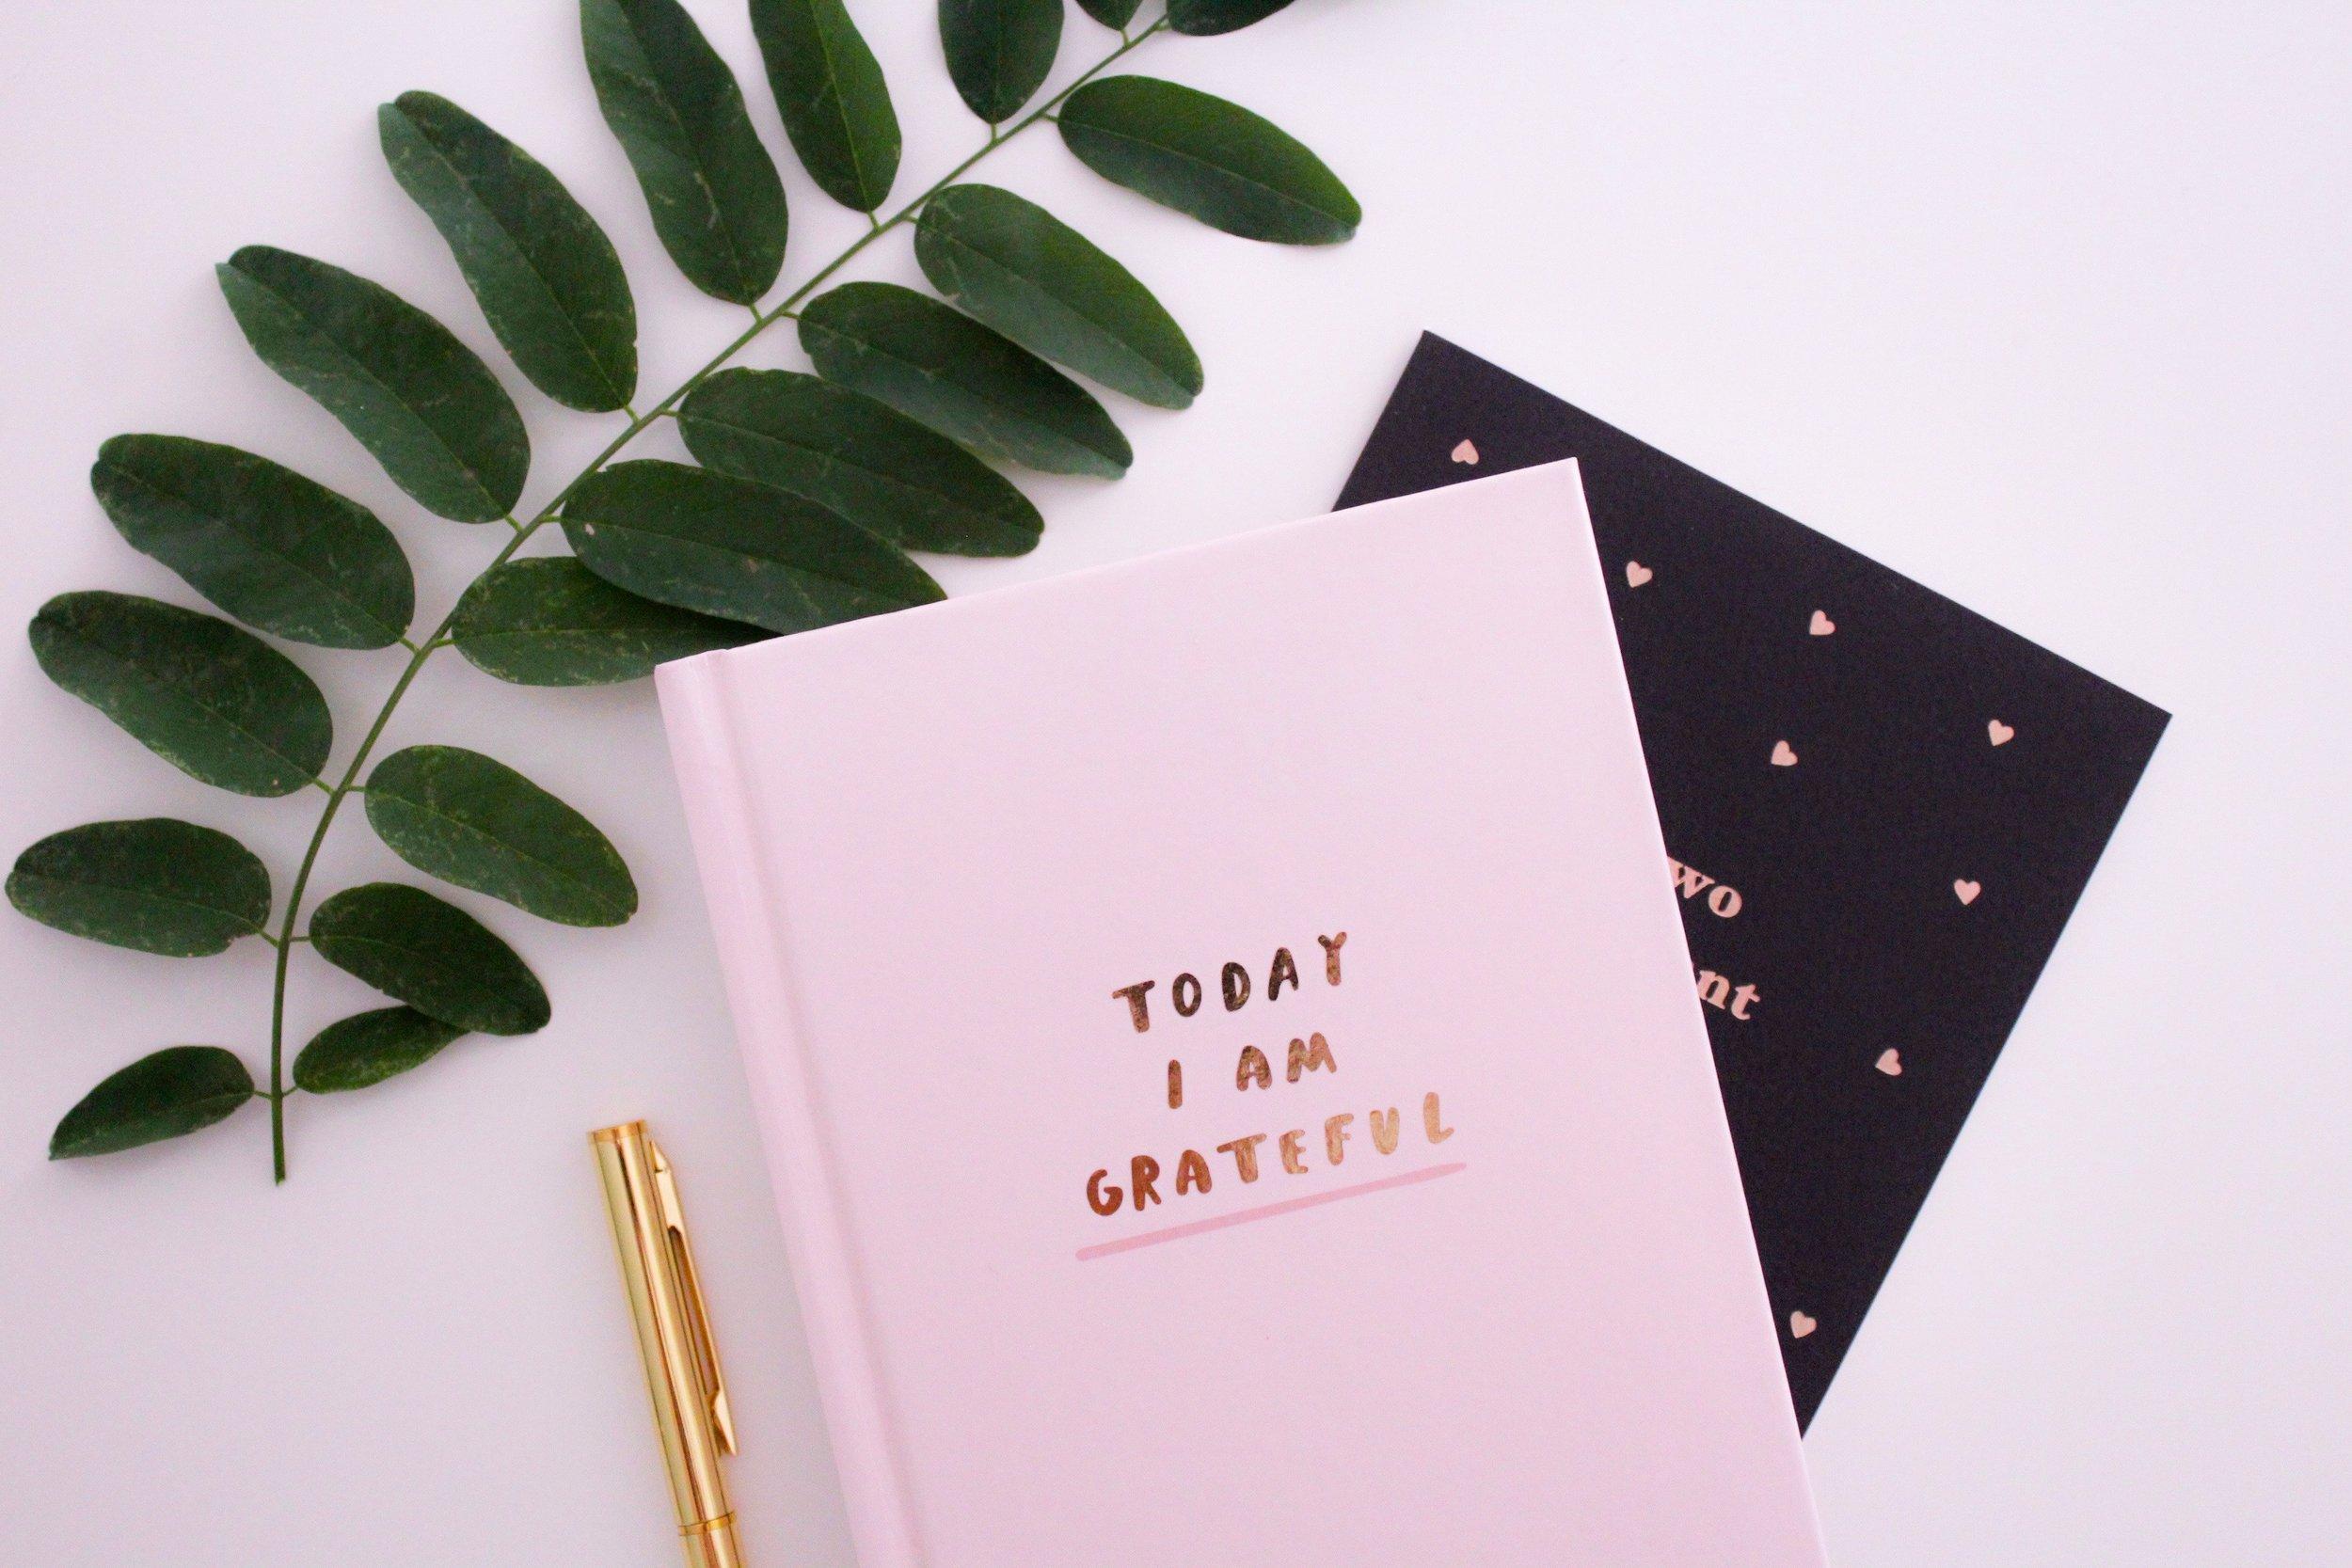 Gratitude Journal - Doodly